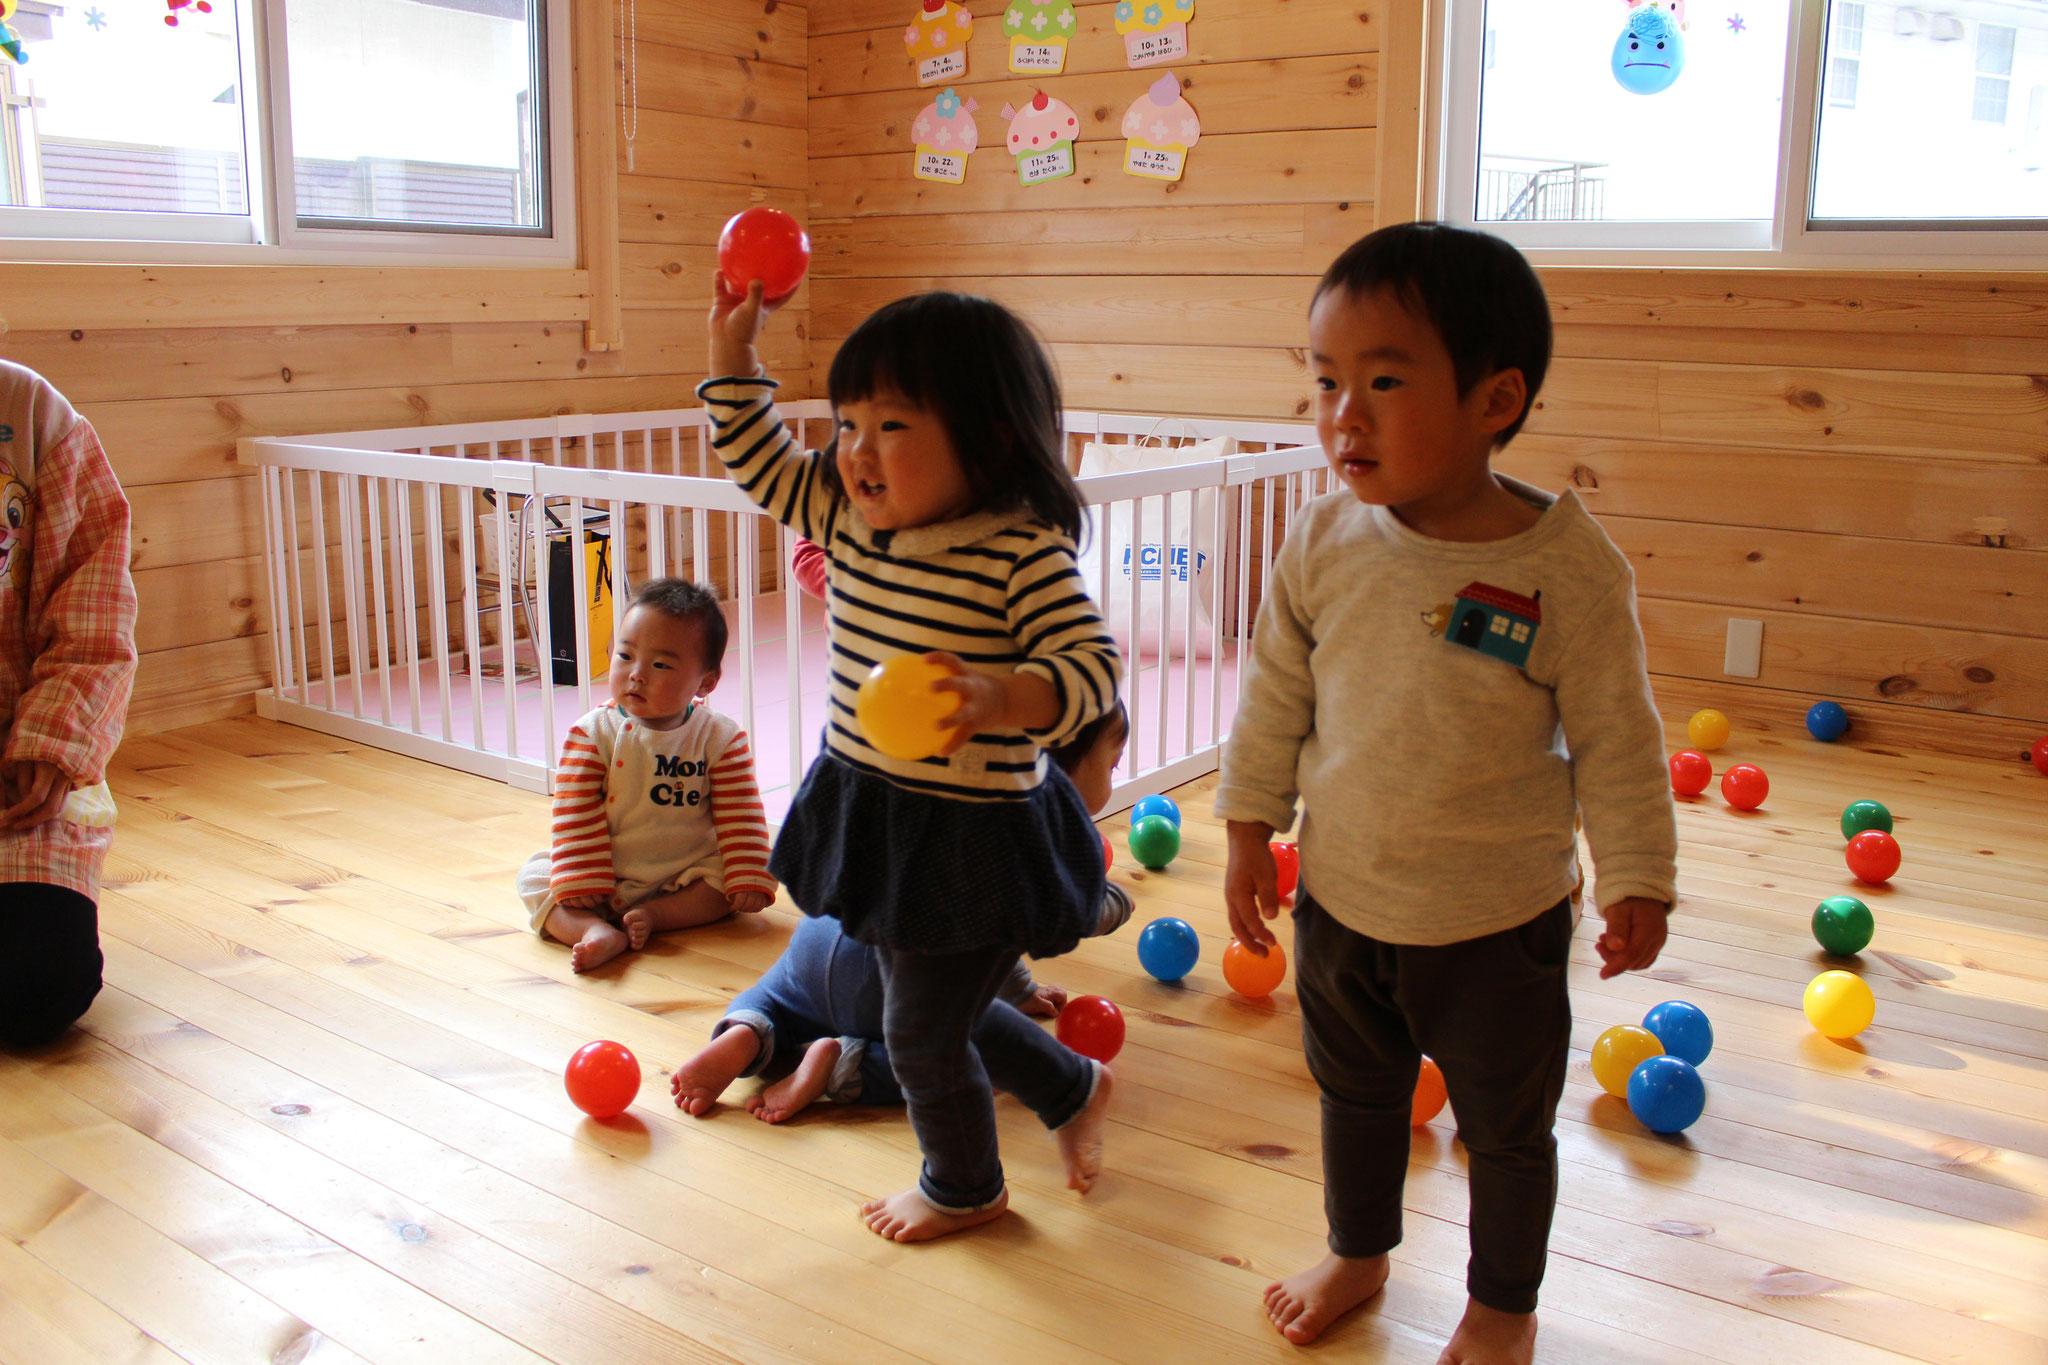 おともだちは大喜びで 豆の代用の カラーボールを エイエイと 投げています( ^^) _U~~